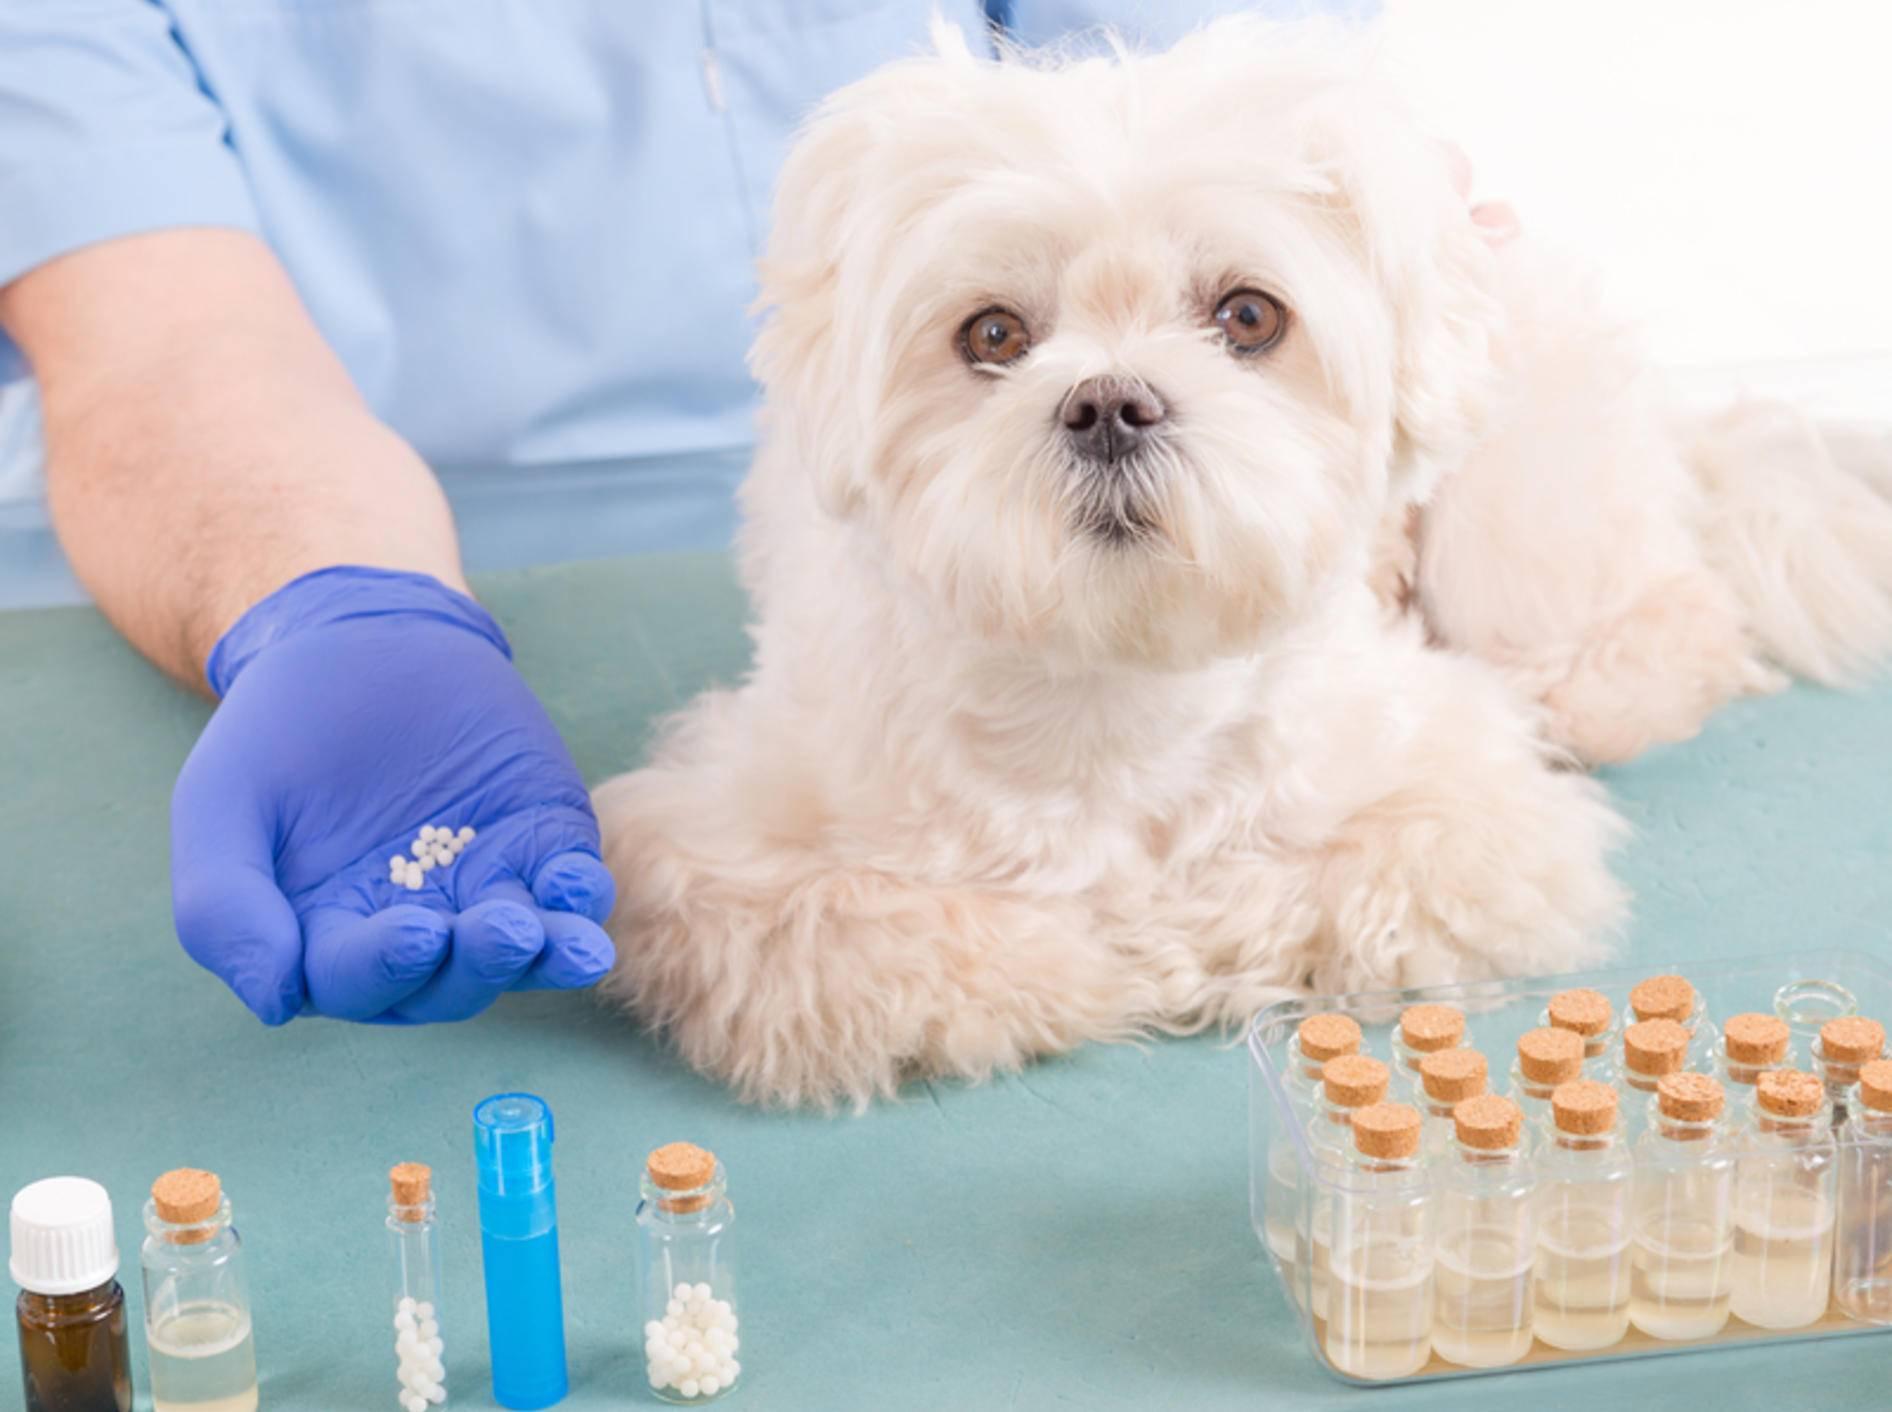 Homöopathische oder pflanzliche Mittel sollten Hunde nie ohne Absprache mit dem Tierarzt einnehmen – Shutterstock / Monika Wisniewska